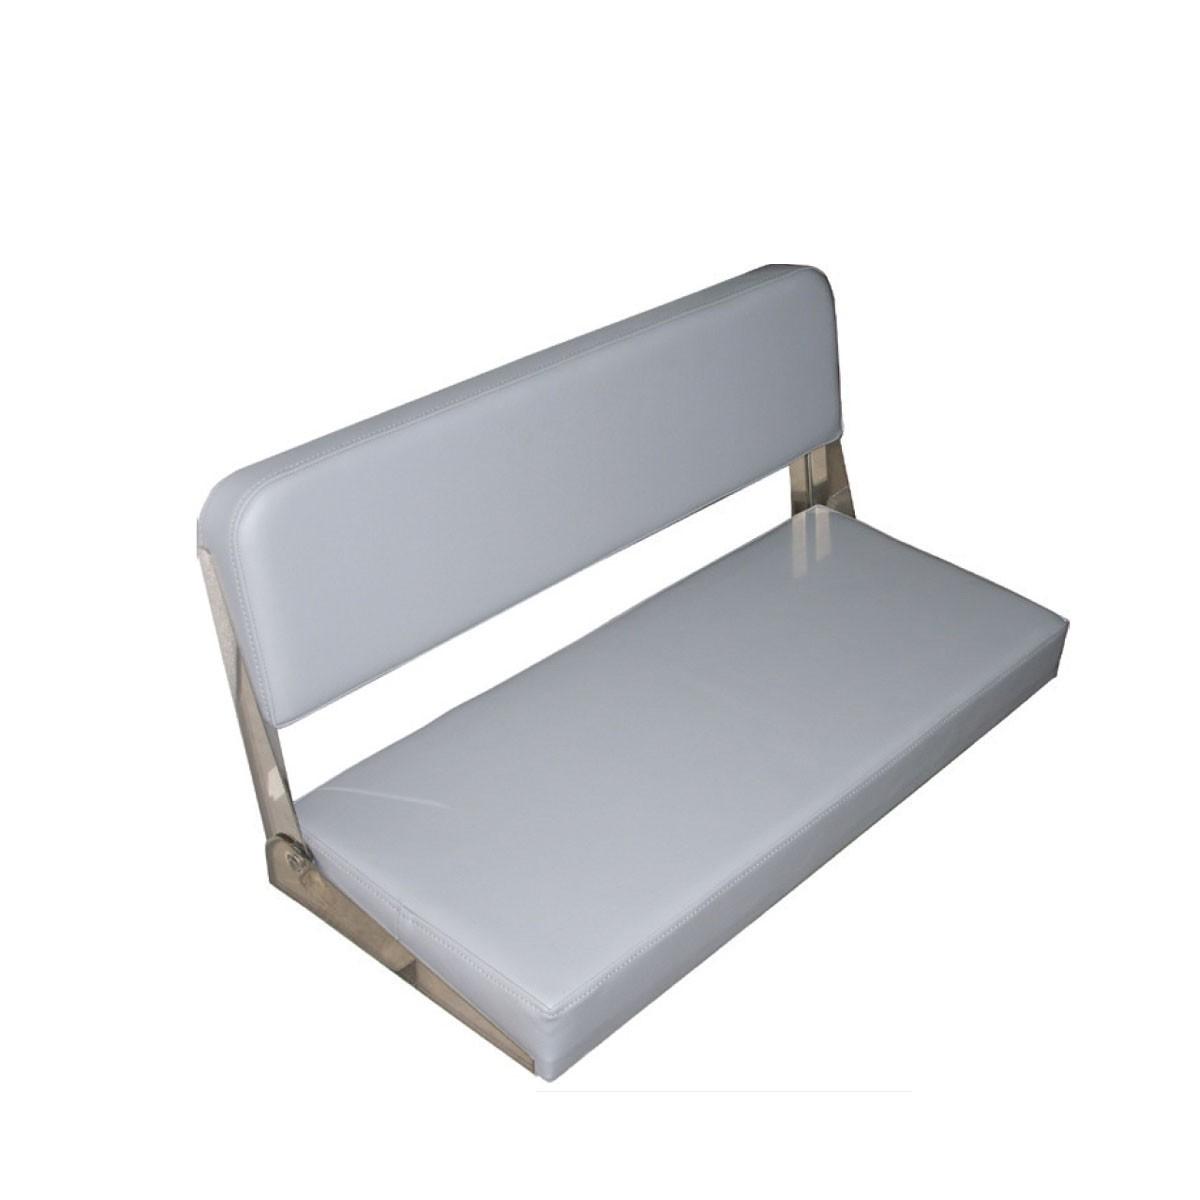 205.65 - Κάθισμα-Μαξιλάρι Αναδιπλούμενο Για Κάθισμα Σκάφους L61cm x W35cm x H39.7 cm Χρώματος Γκρι